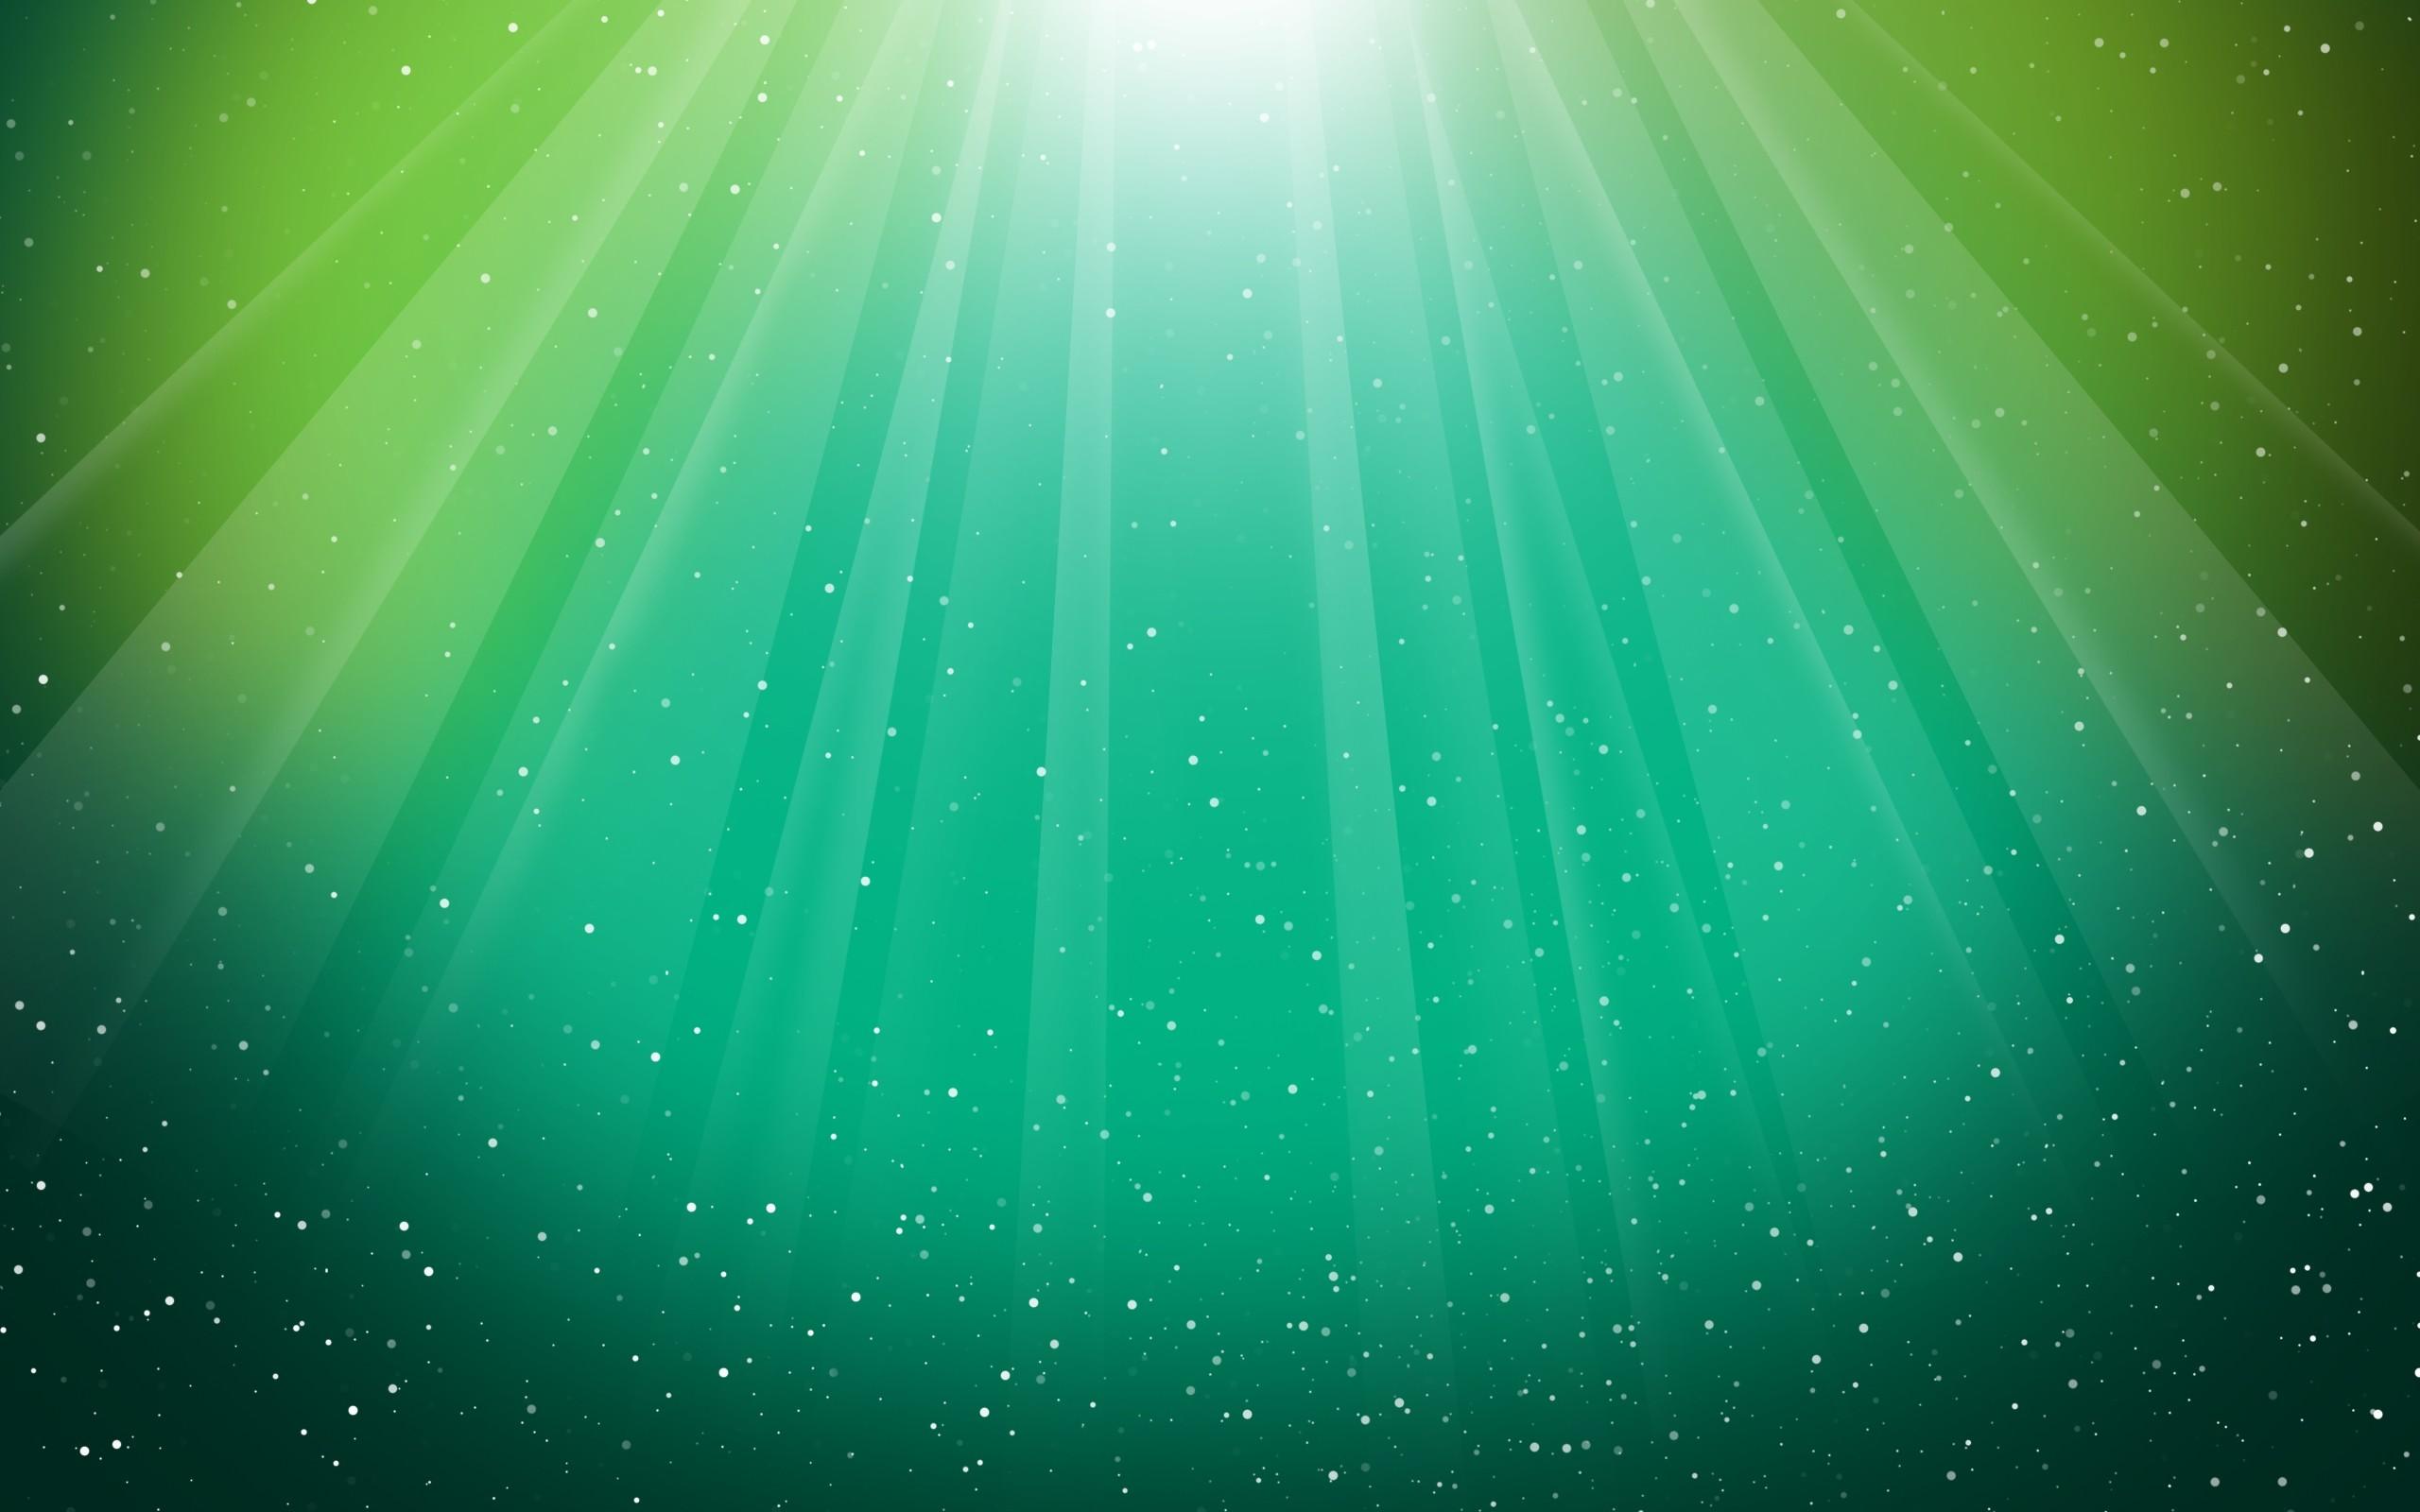 Wallpaper Light, Shiny, Green, Lines, Fan